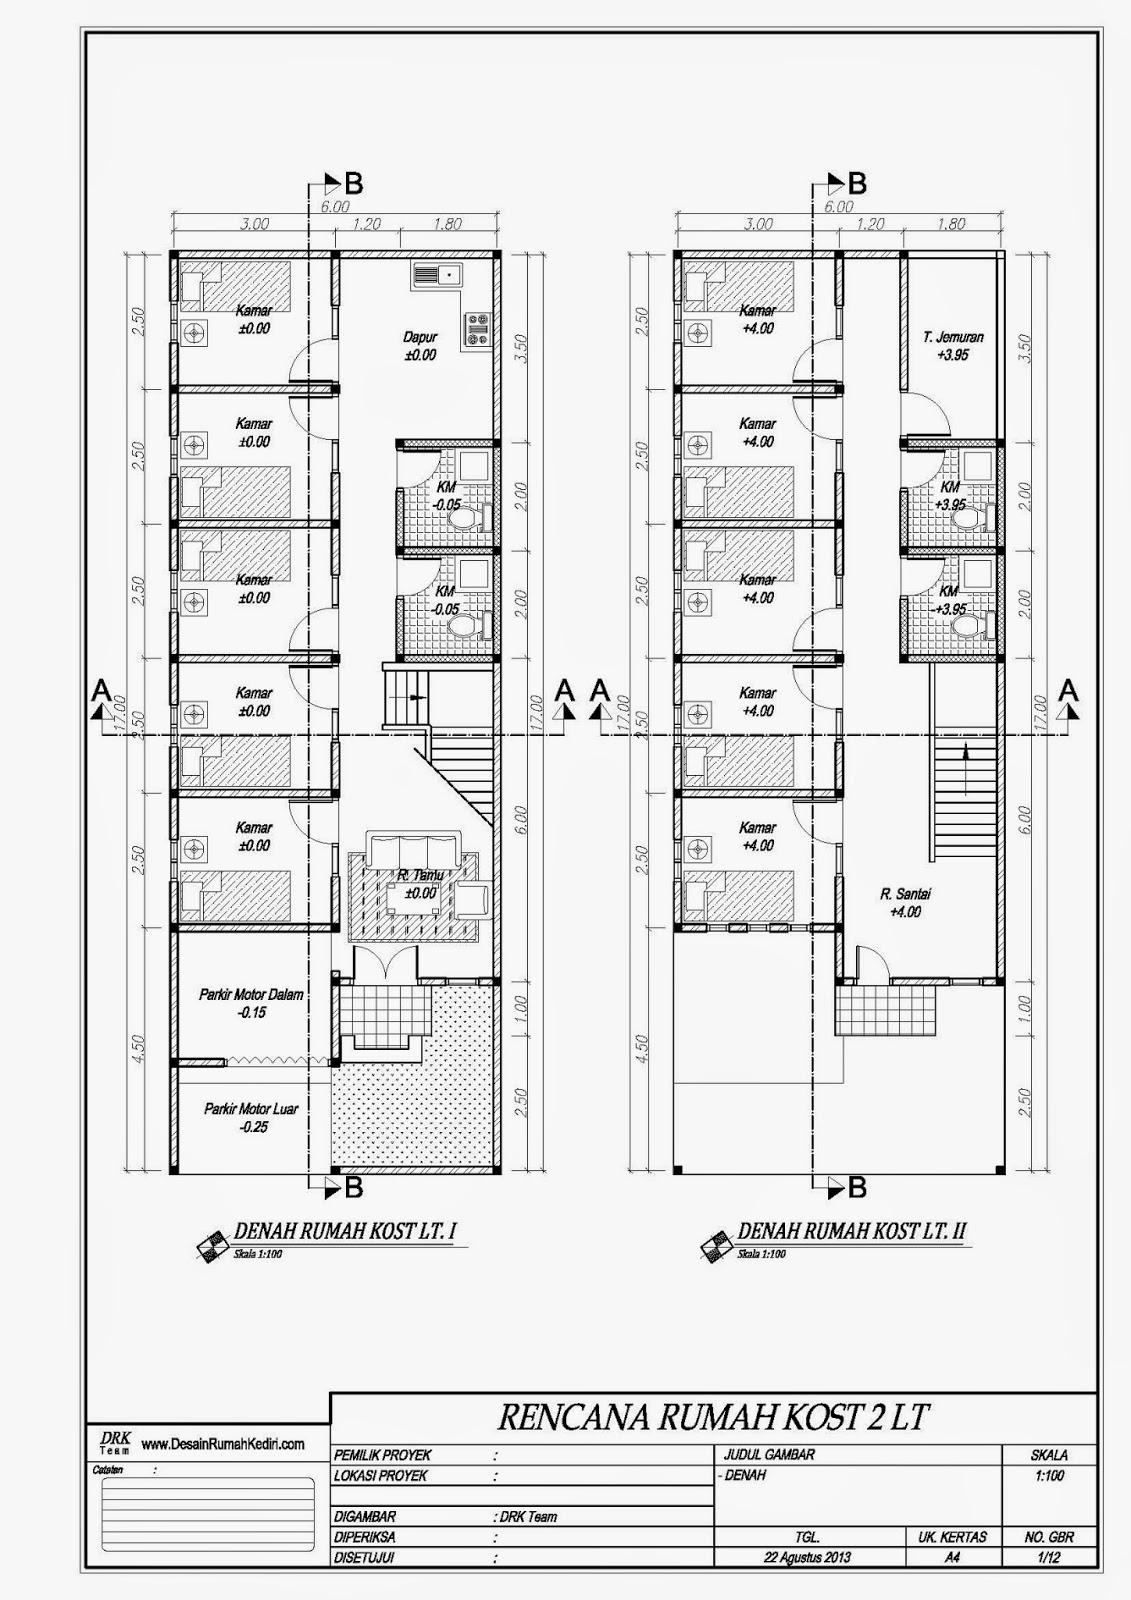 LT209  Rumah Kos Minimalis Candra Kirana Kota Kediri  Jasa desain dan bangun rumah Kediri